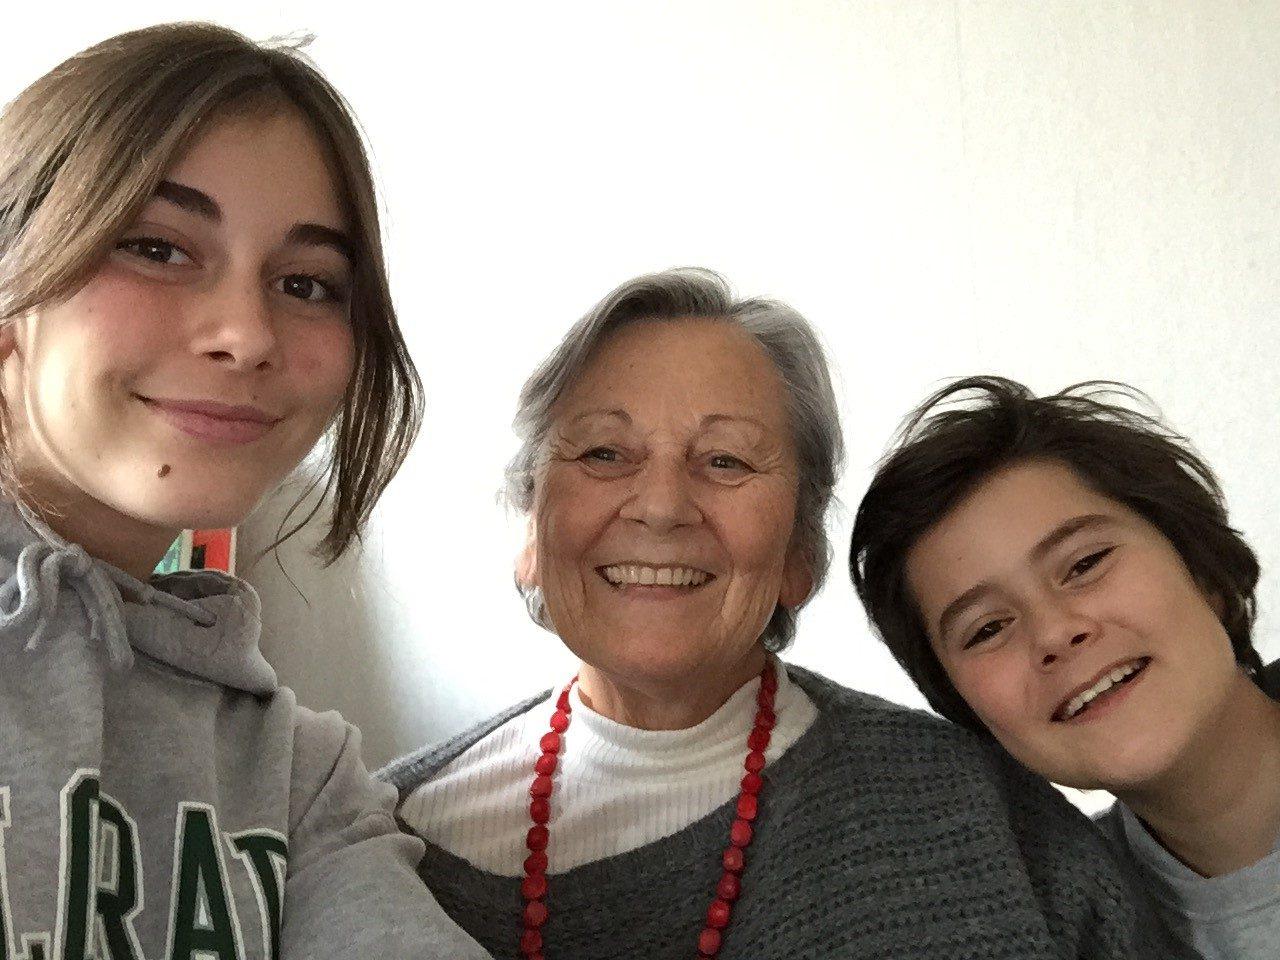 Anne a offert un parrainage à ses 2 petits-enfants, Daphné & Léonard